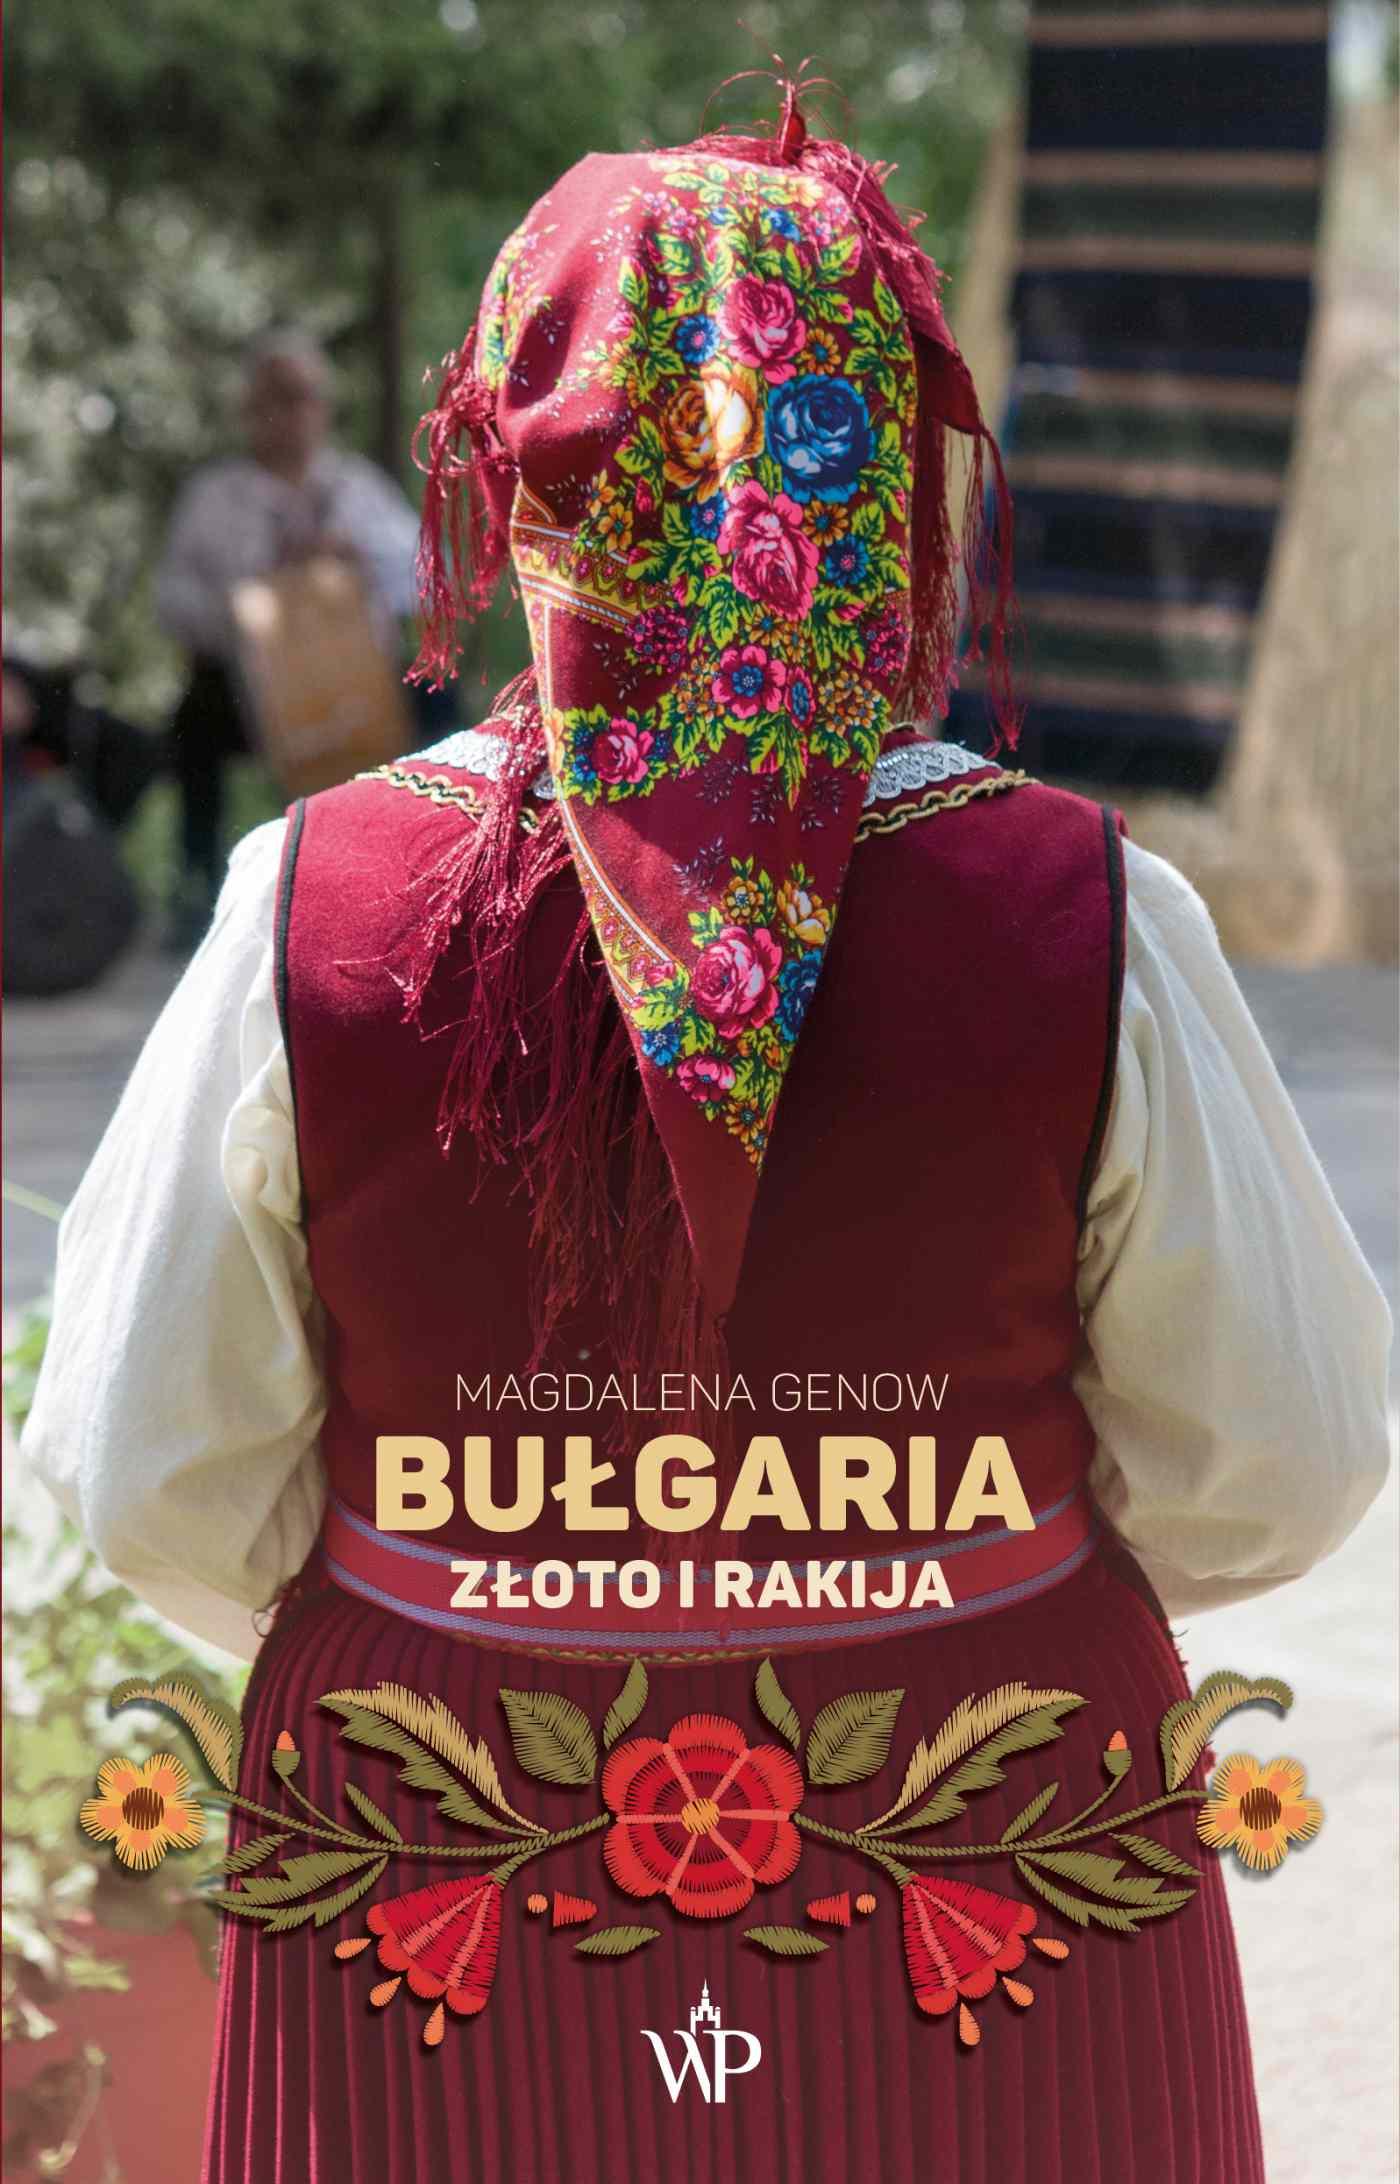 Bułgaria. Złoto i rakija - Ebook (Książka na Kindle) do pobrania w formacie MOBI